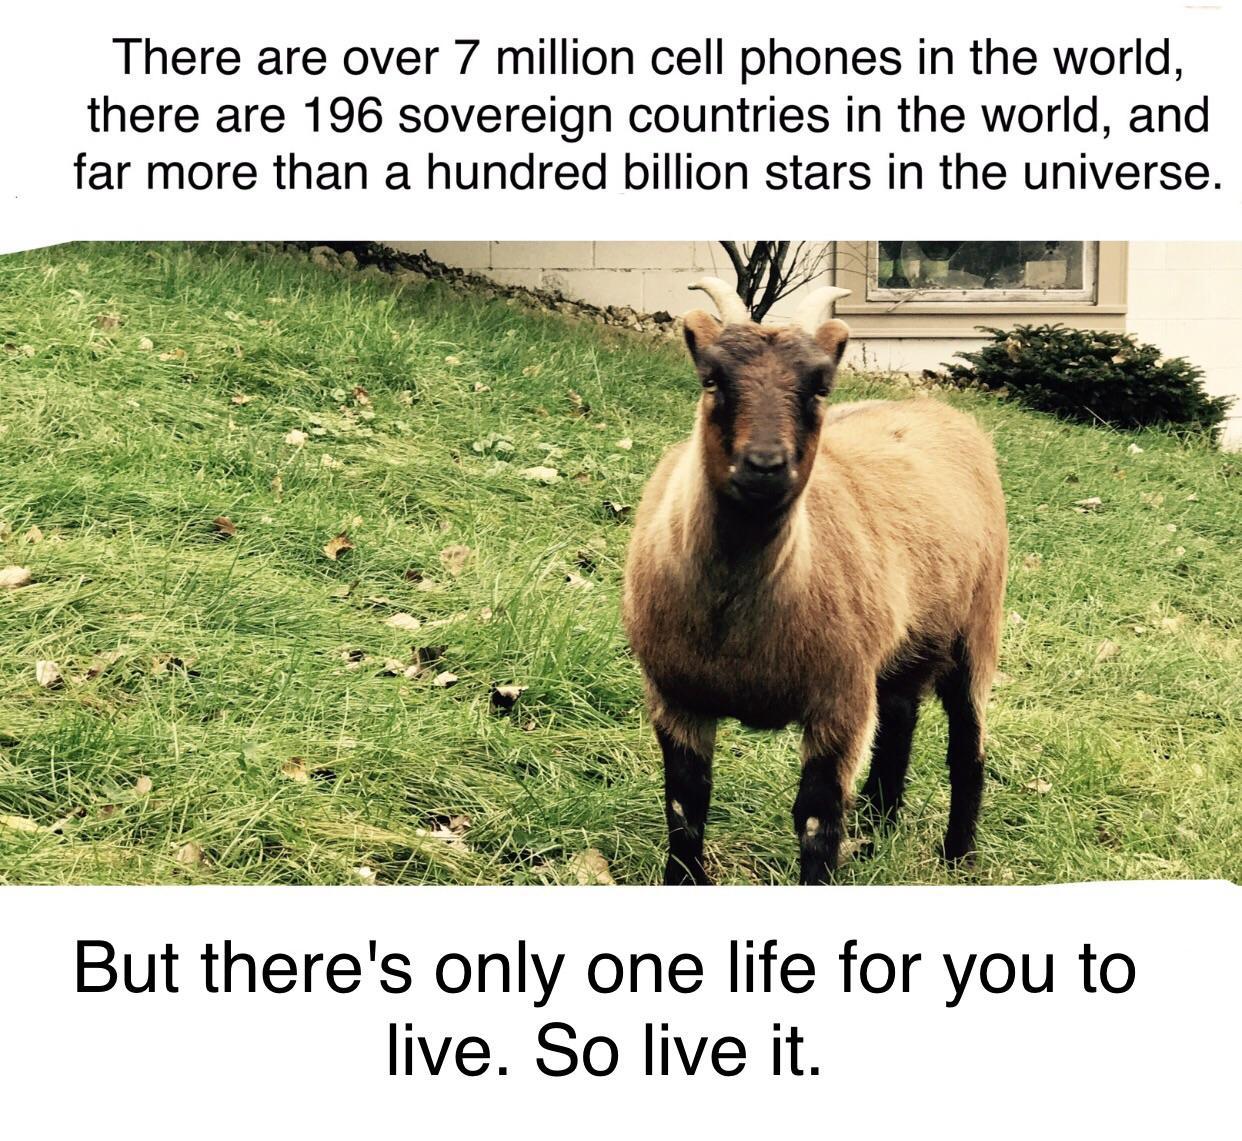 [Image] Live life.